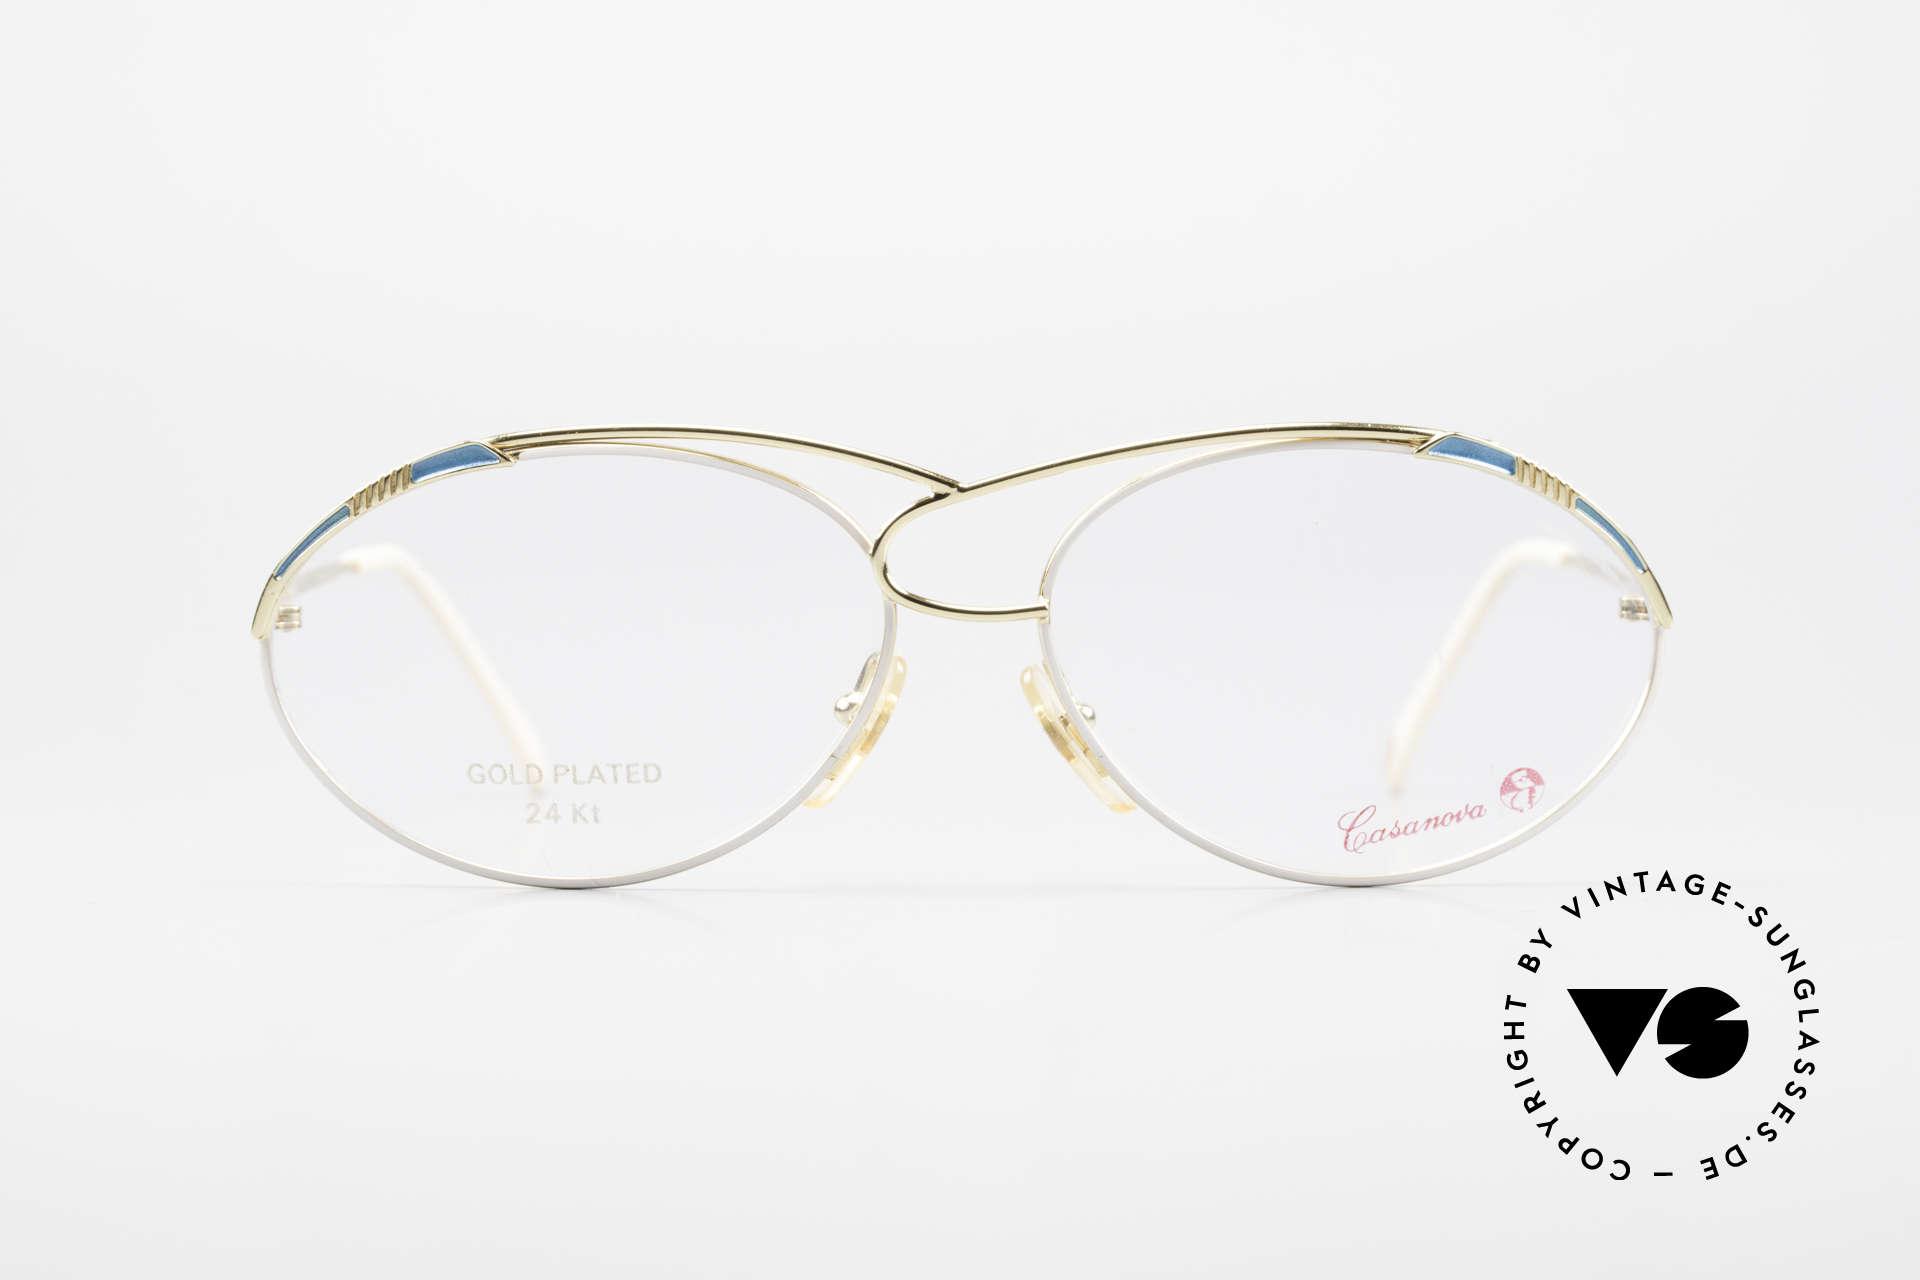 Casanova LC13 24kt Vergoldete Vintage Brille, tolles Zusammenspiel v. Farbe, Form & Funktionalität, Passend für Damen